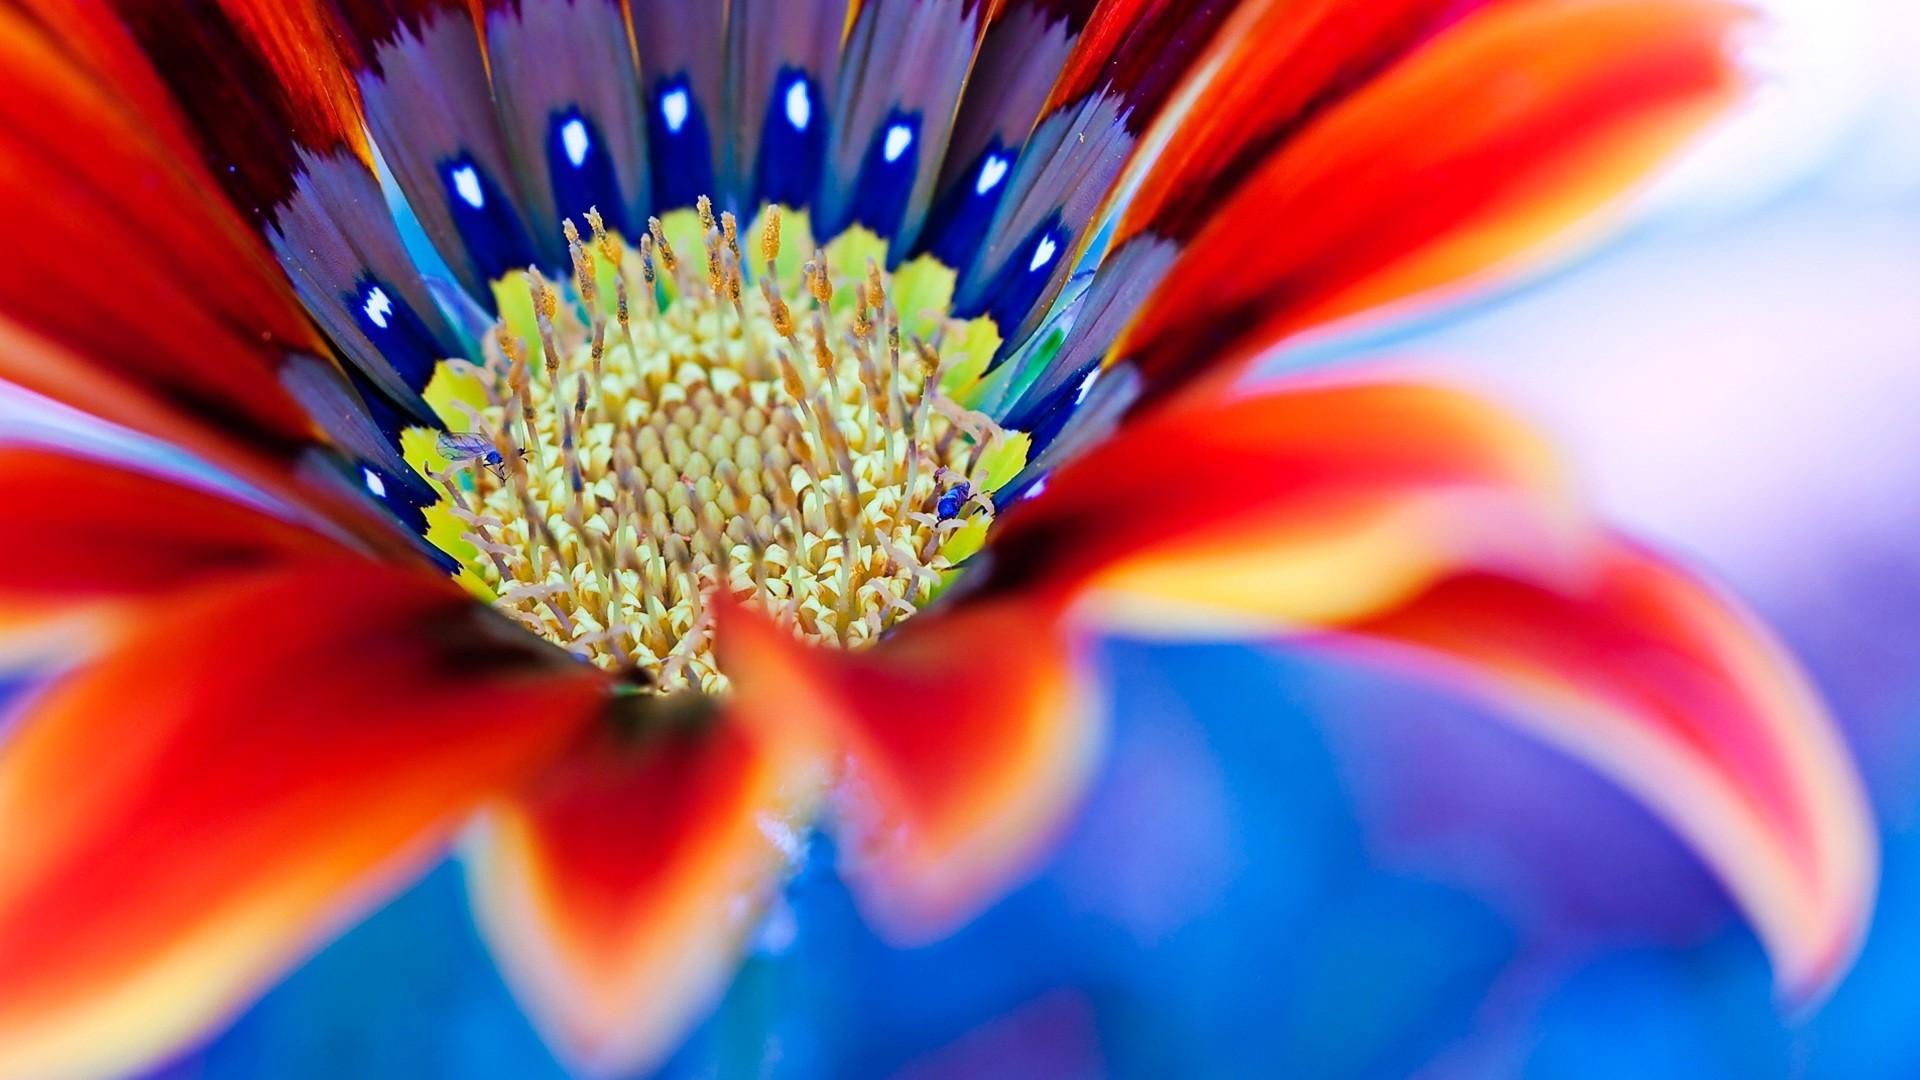 природа цветы синие красные желтый nature flowers blue red yellow в хорошем качестве